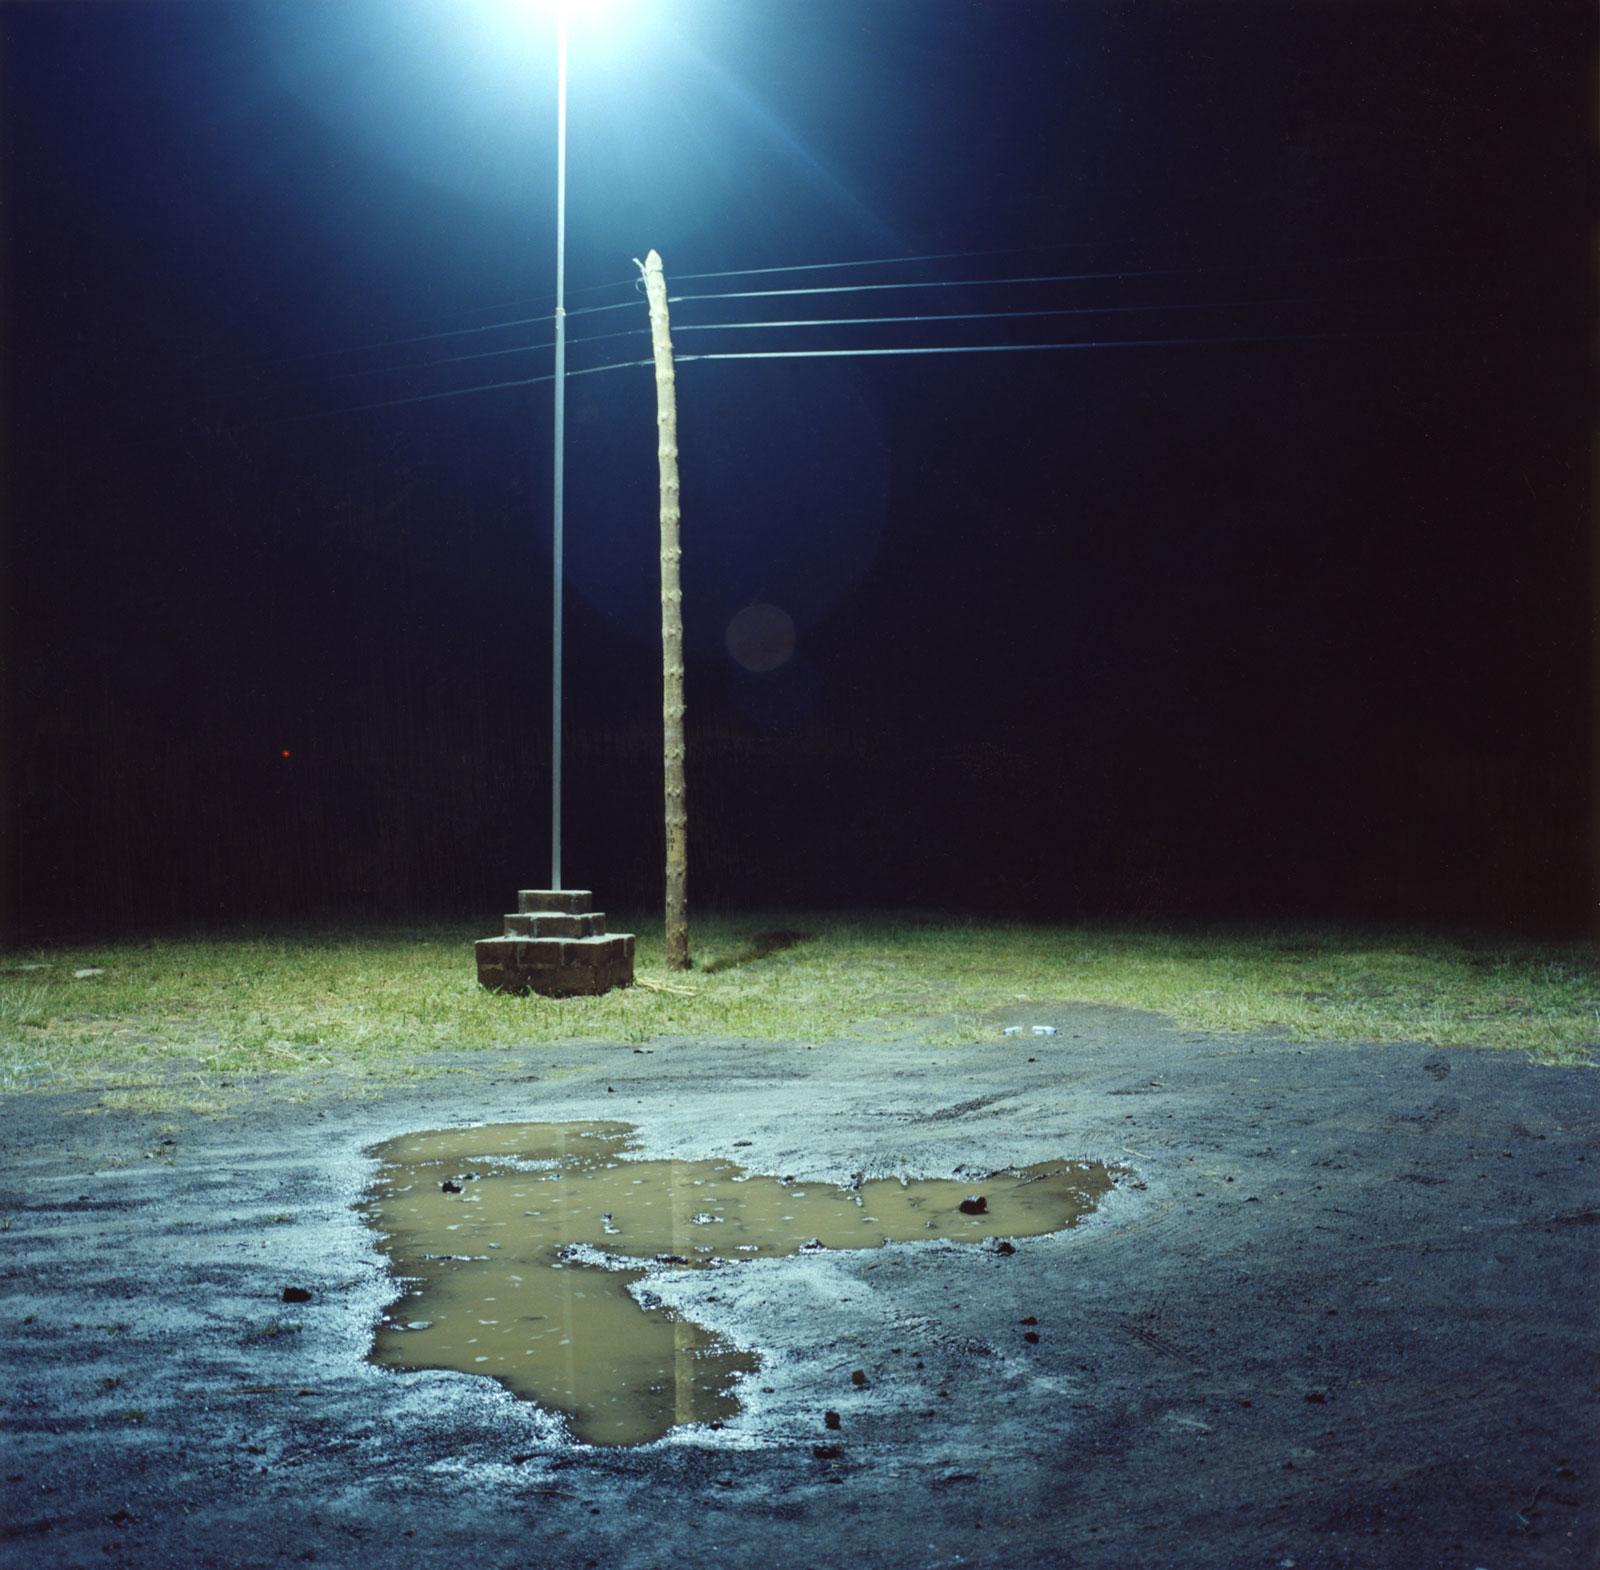 The Parking Place 01:20, 2008, c-print, 110 x 110 cm